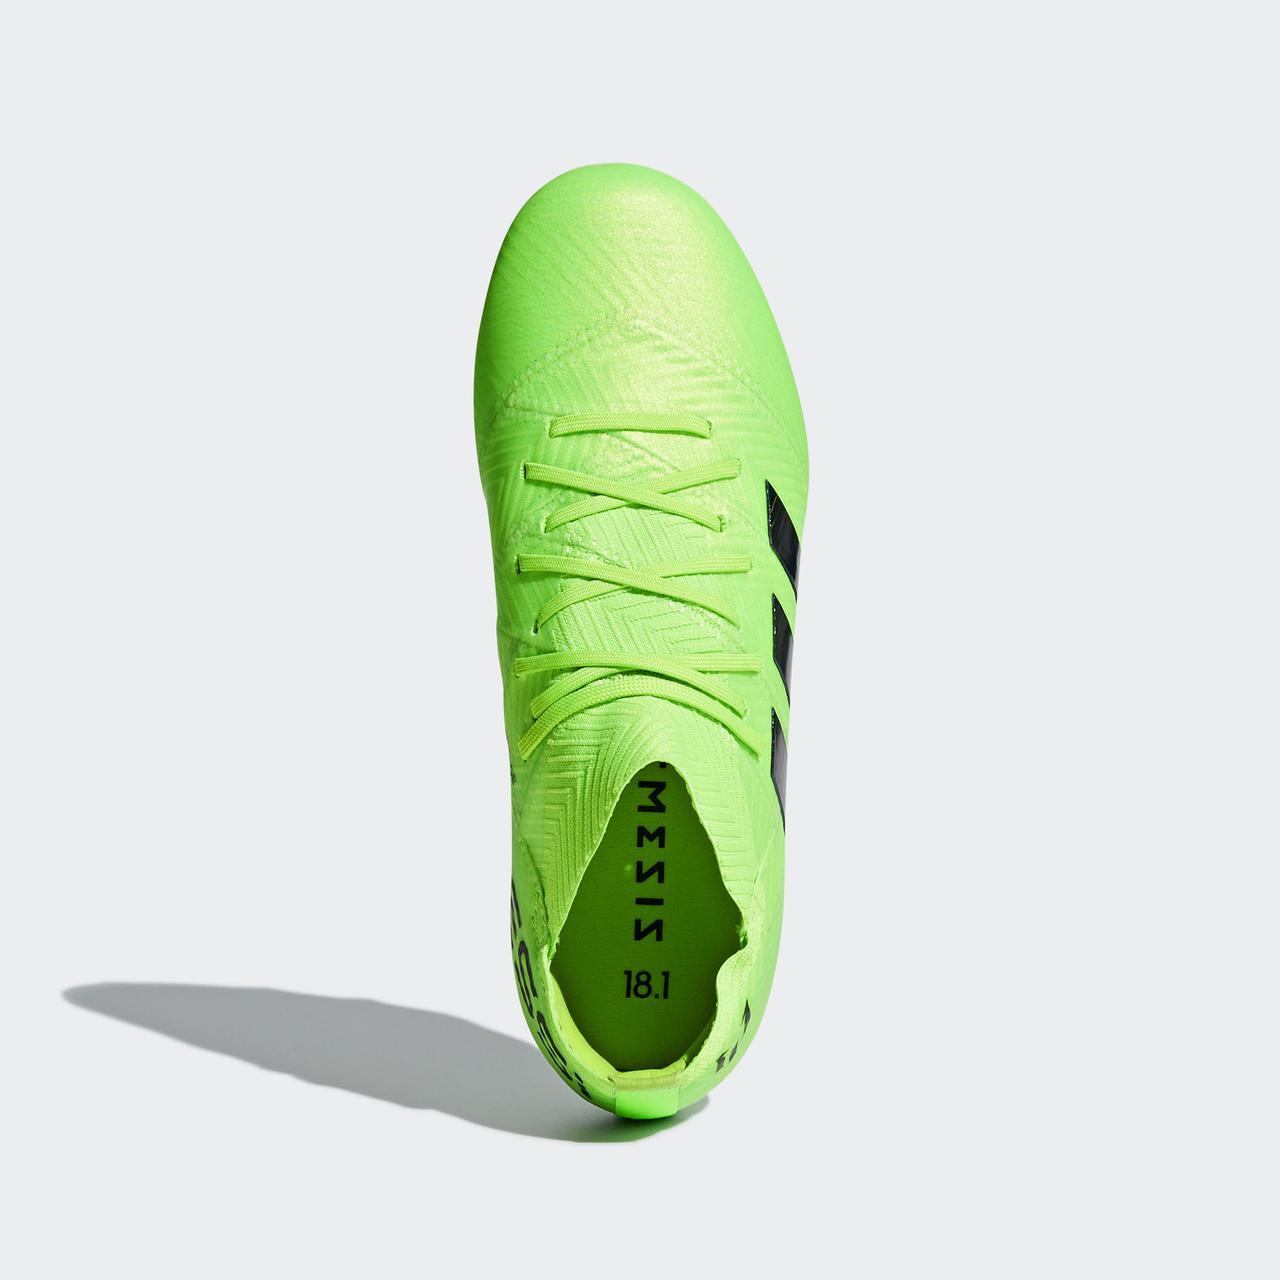 ea4b25460ddd Детские футбольные бутсы Adidas Performance Nemeziz Messi 18.1 FG (Артикул   DB2361), ...